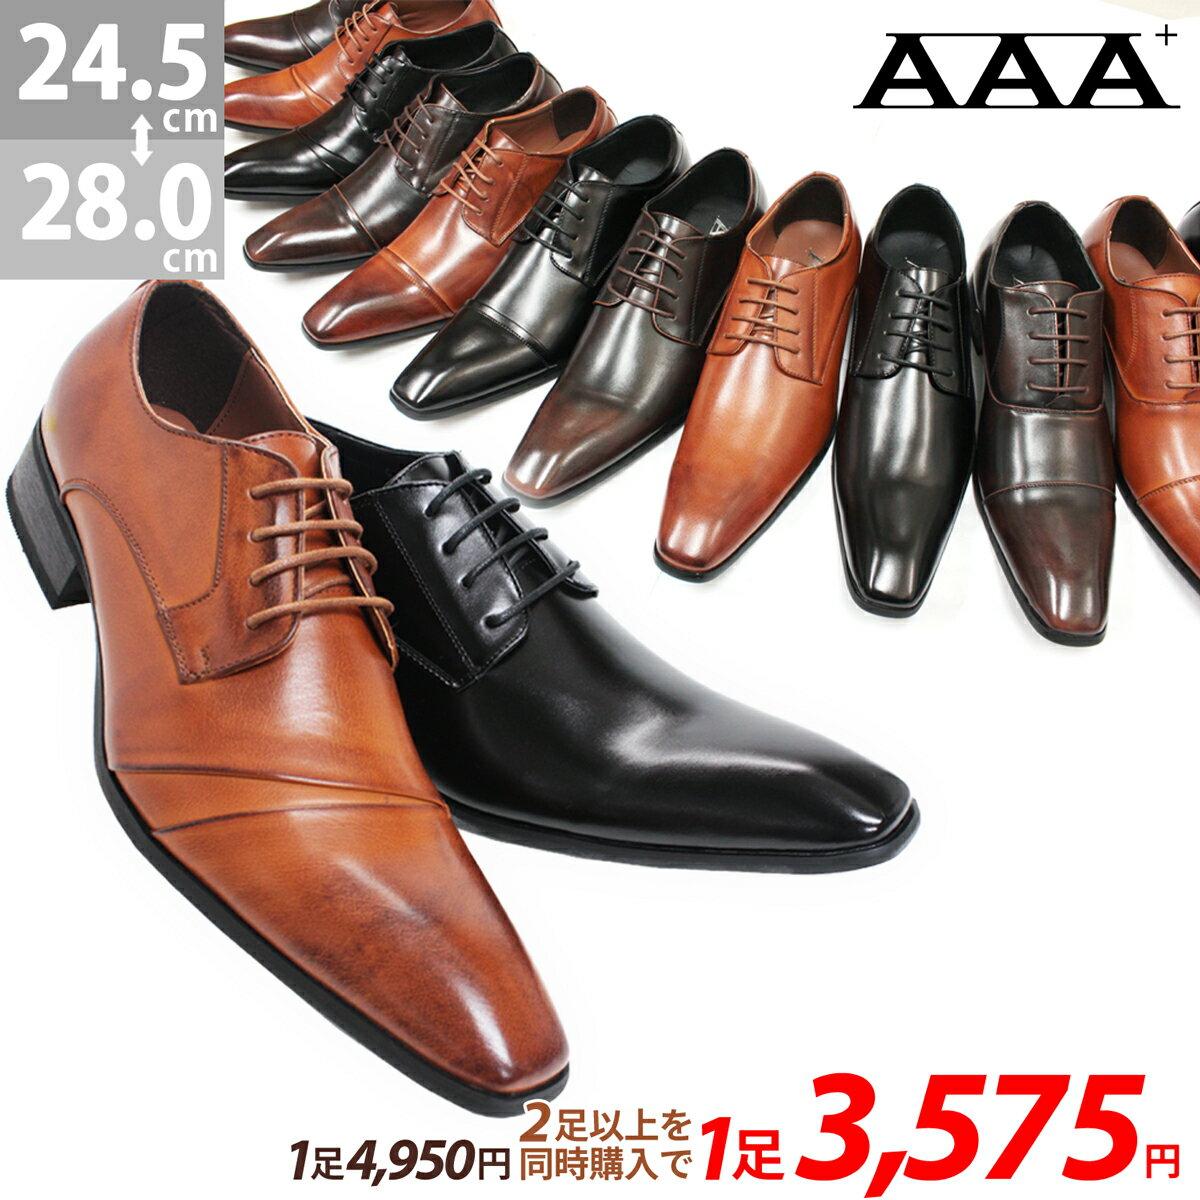 ビジネスシューズ 選べる2足セット[ポイント2倍&送料無料][AAA+]ビジネス靴 2足セ…...:zealmarket:10006108